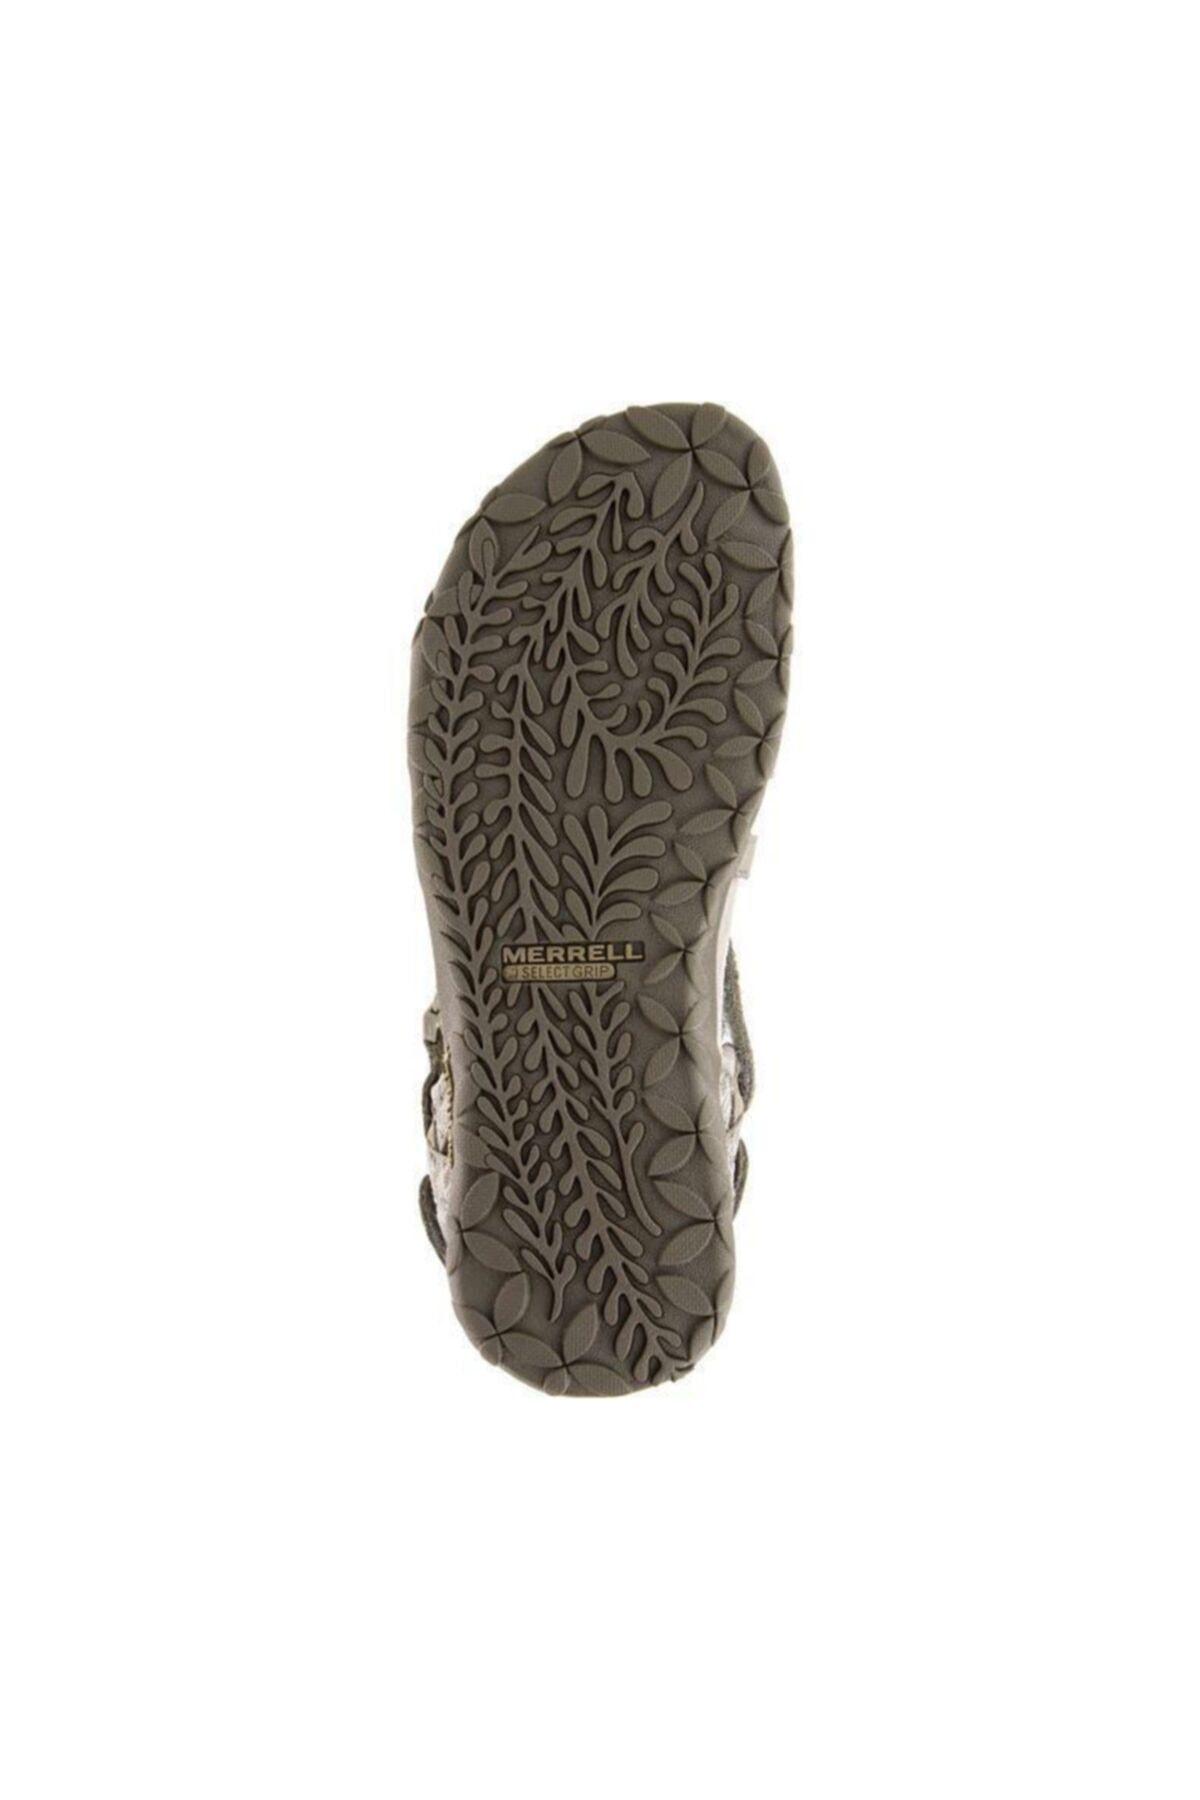 Merrell J02766 Terran Lattice 2 Taupe Taupe Kadın Sandalet 2